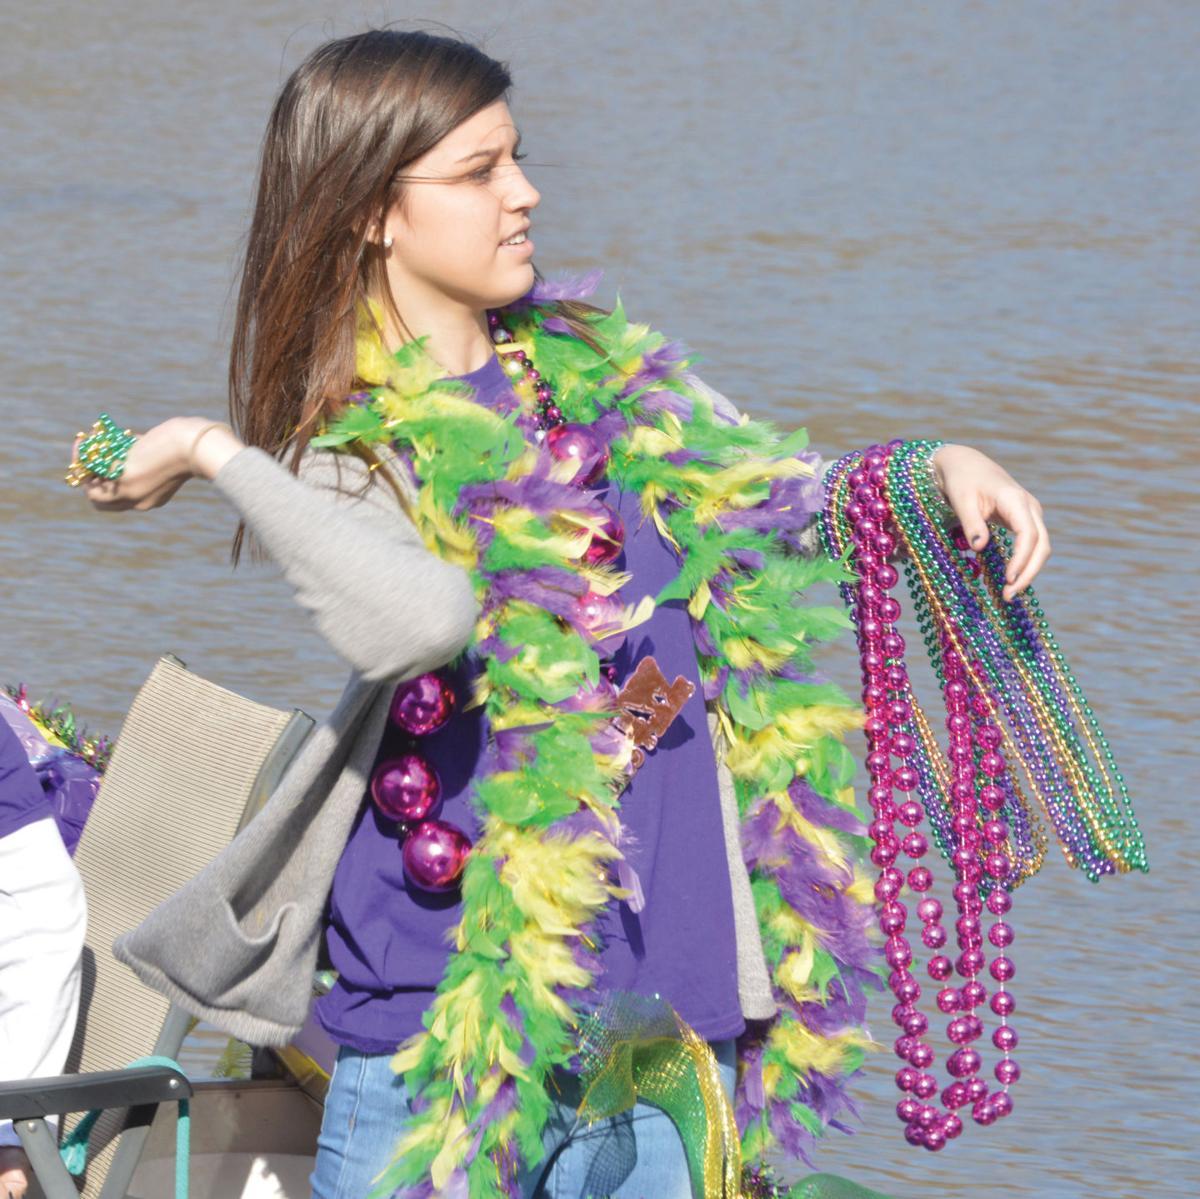 Tickfaw Boat Parade